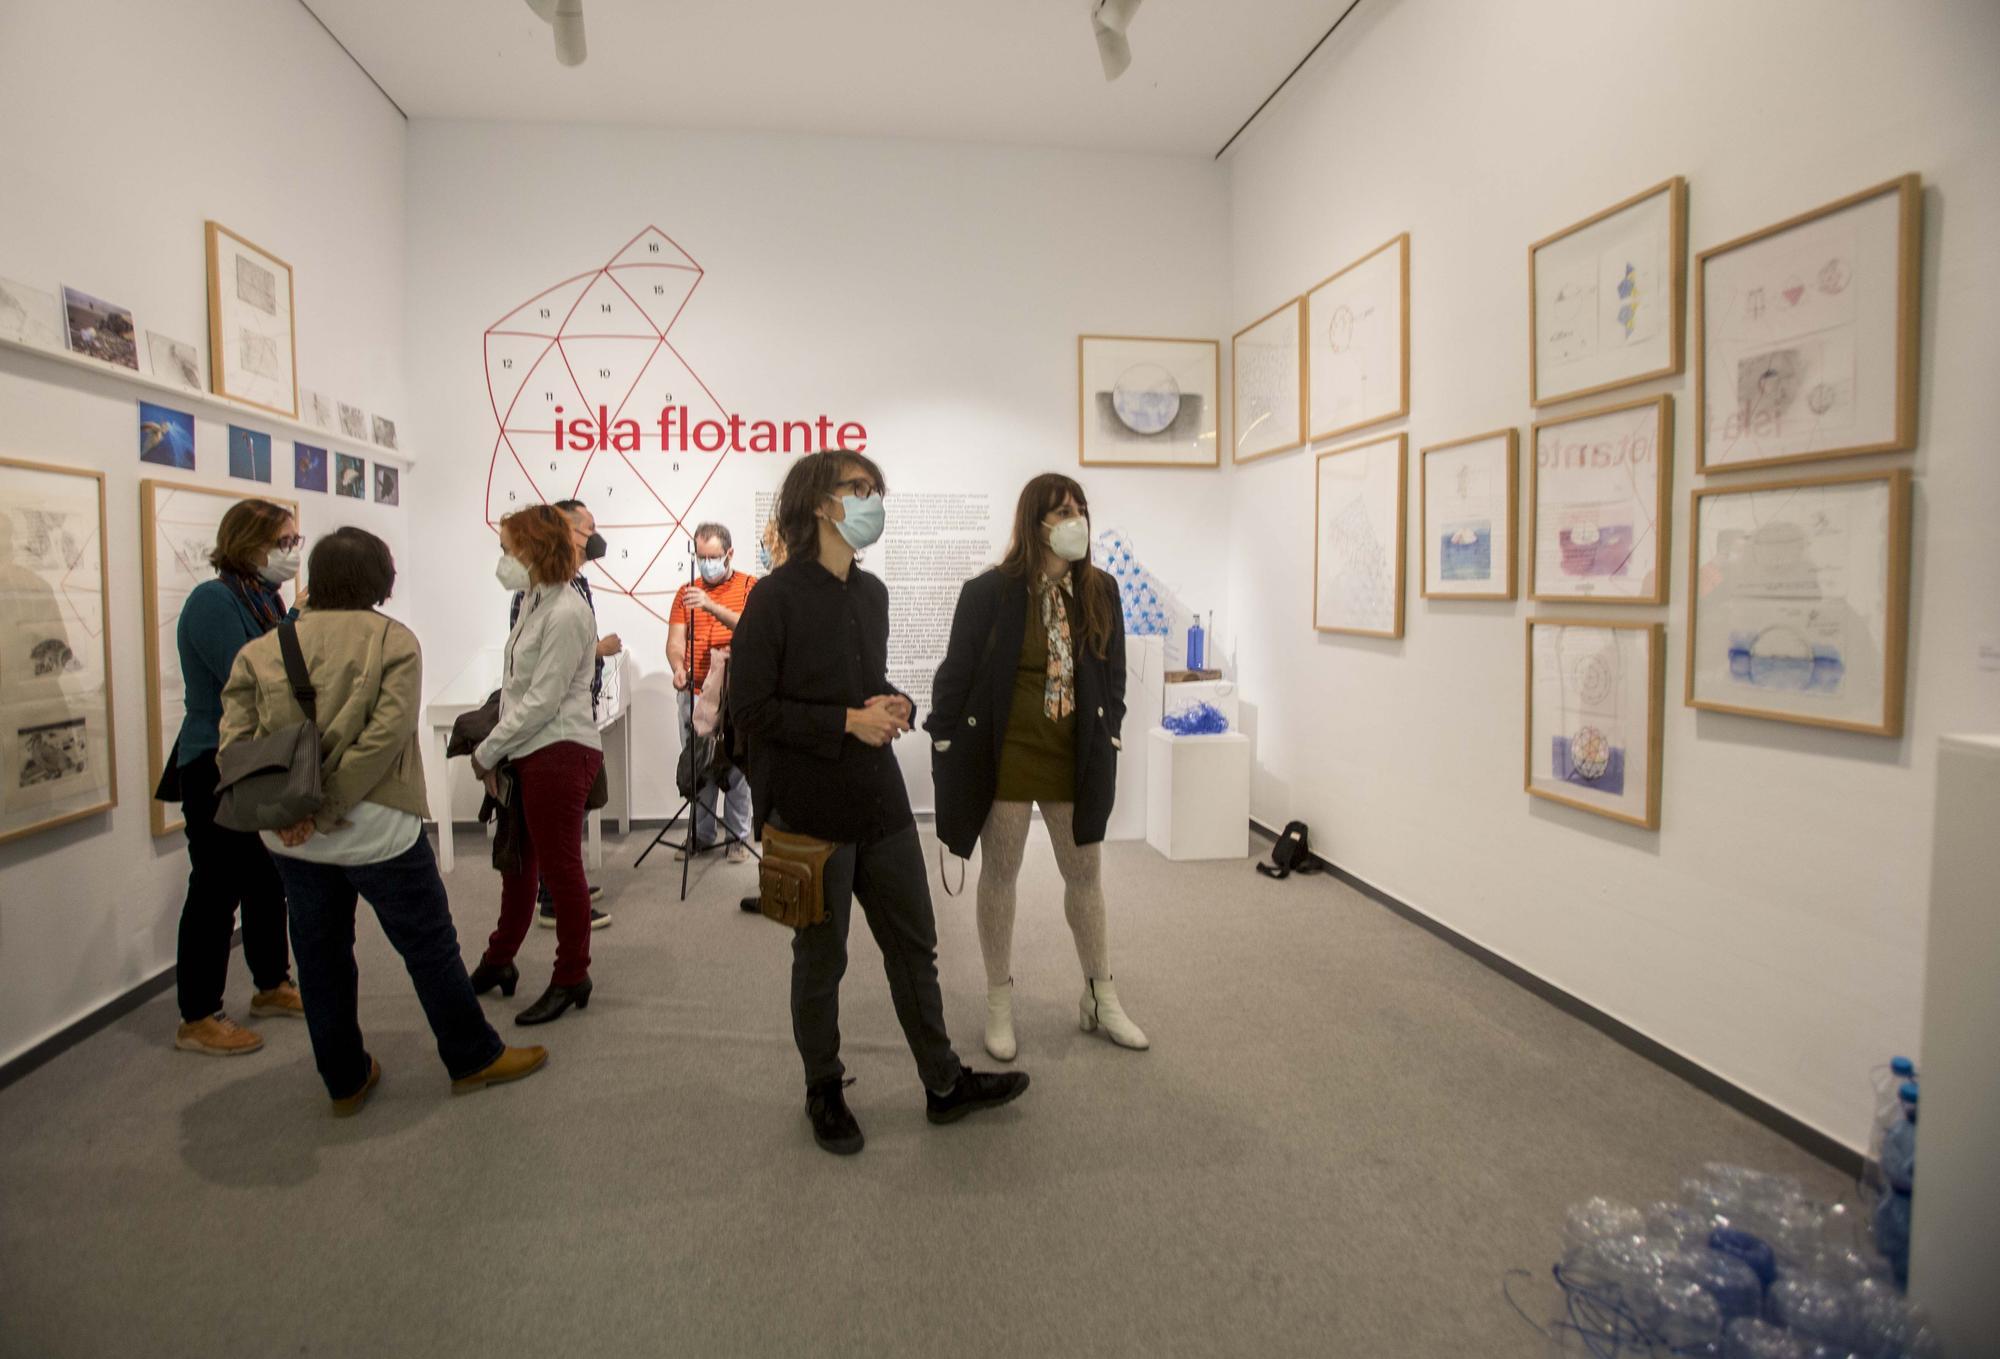 """Proyecto """"Isla flotante"""" de Olga Diego en el MACA"""